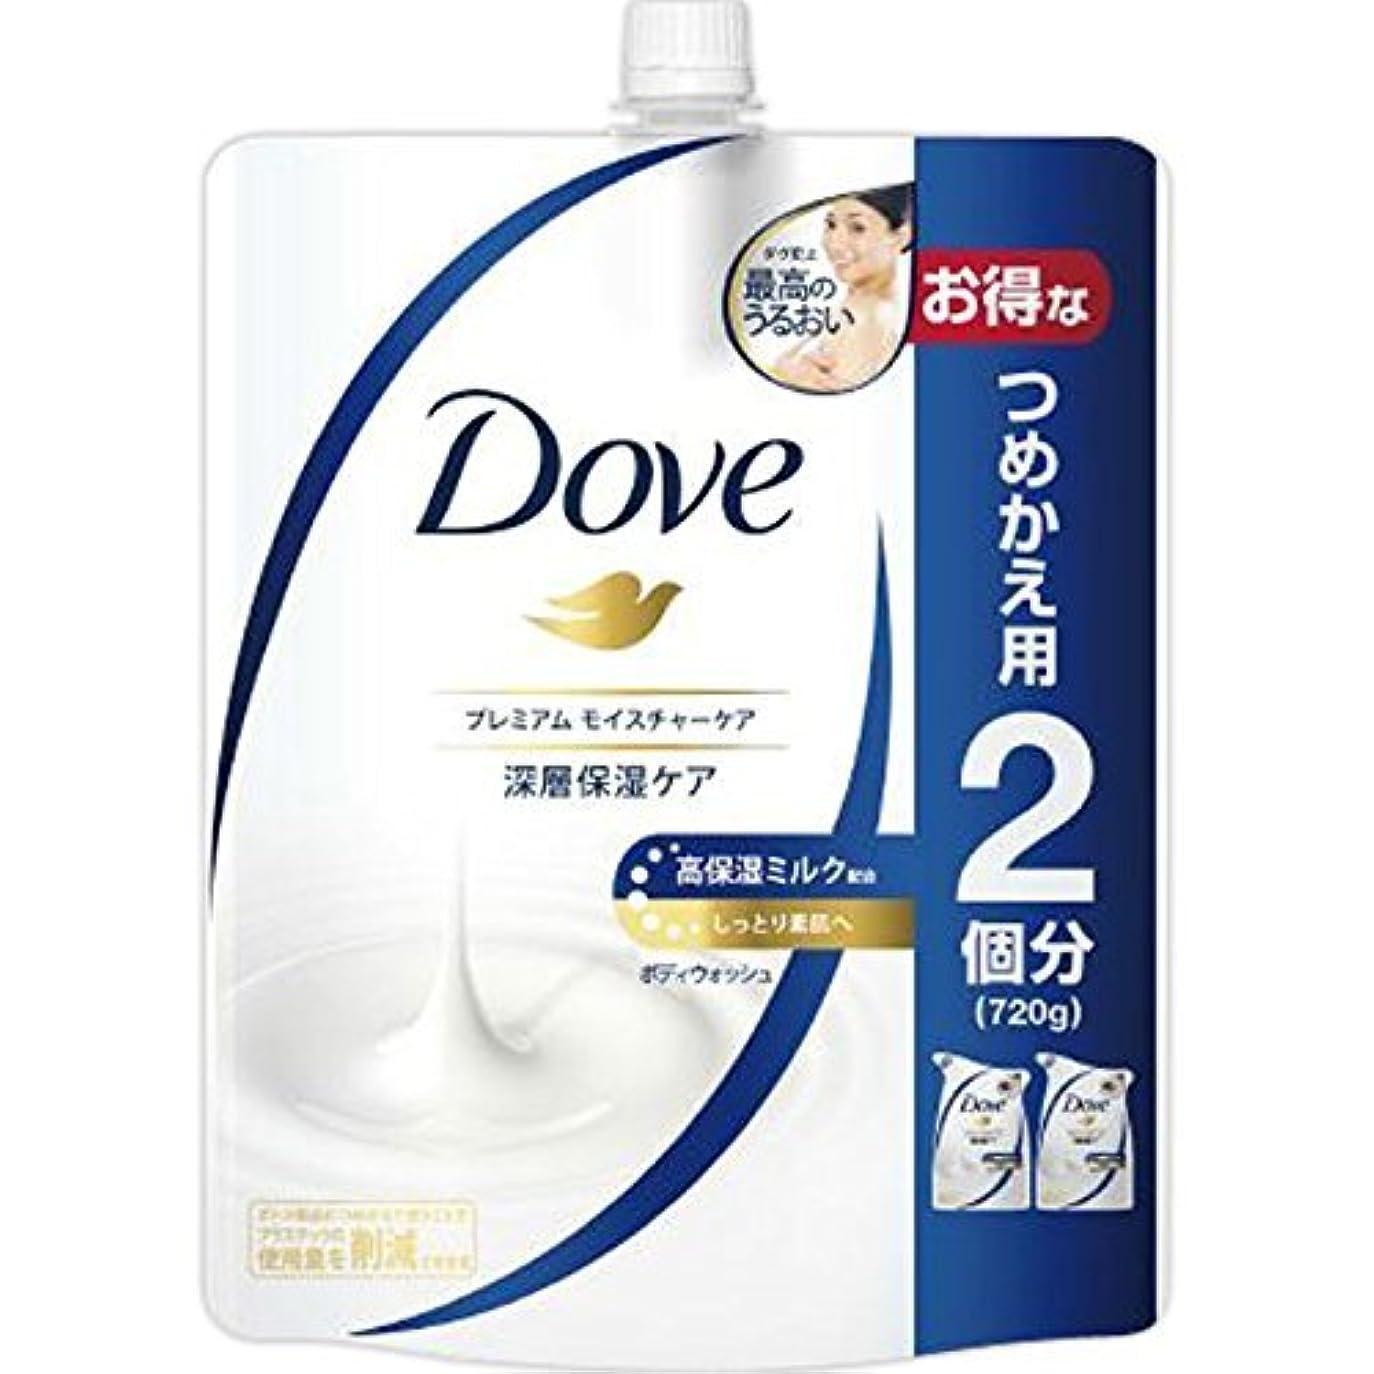 容量売り手債務Dove ダヴ ボディウォッシュ プレミアム モイスチャーケア つめかえ用 720g